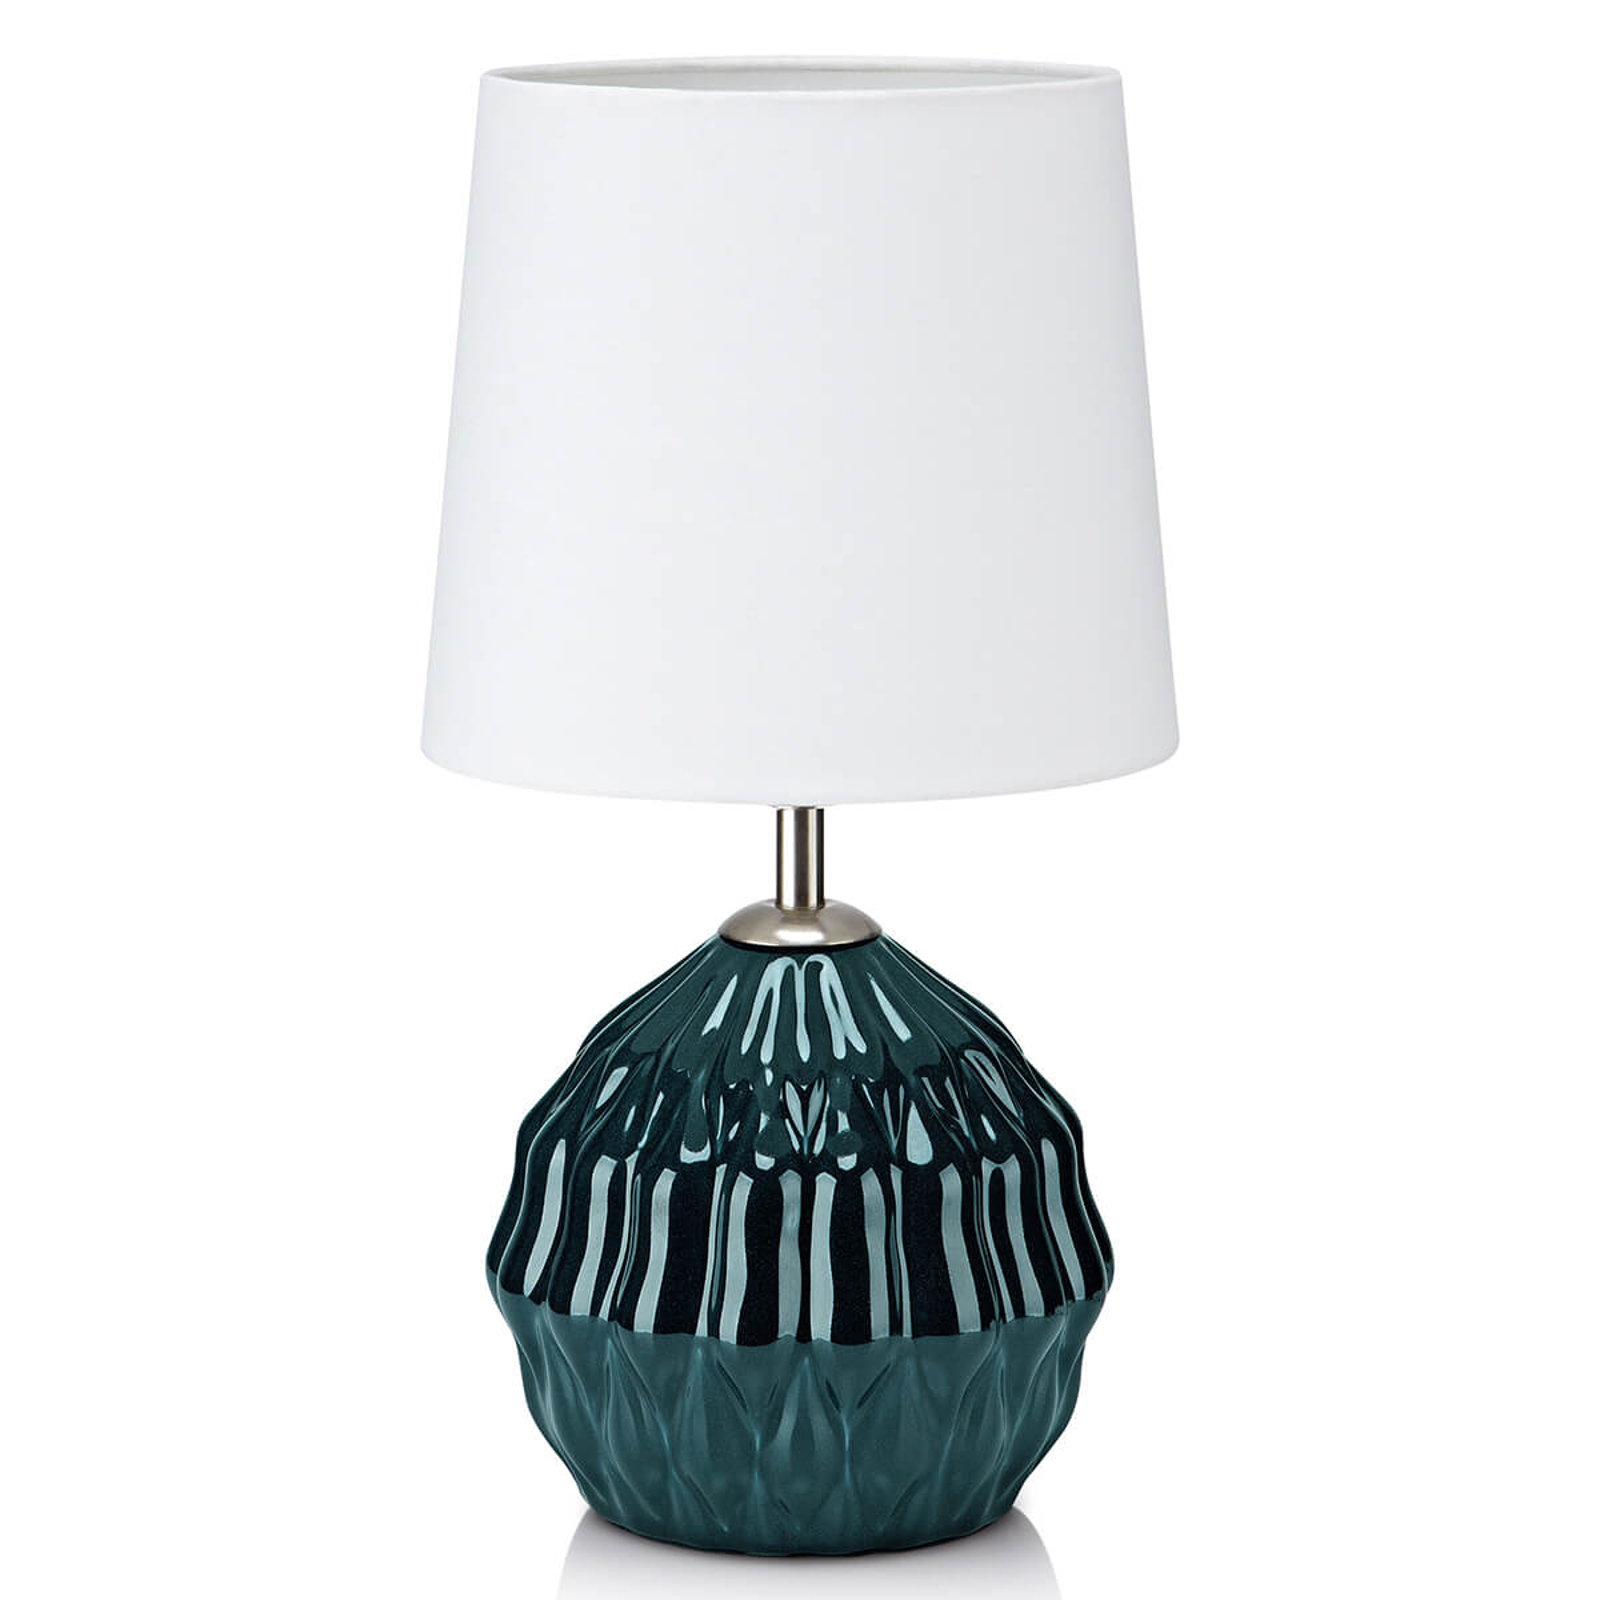 Vihreä keramiikkajalka - tekstiilipöytälamppu Lora